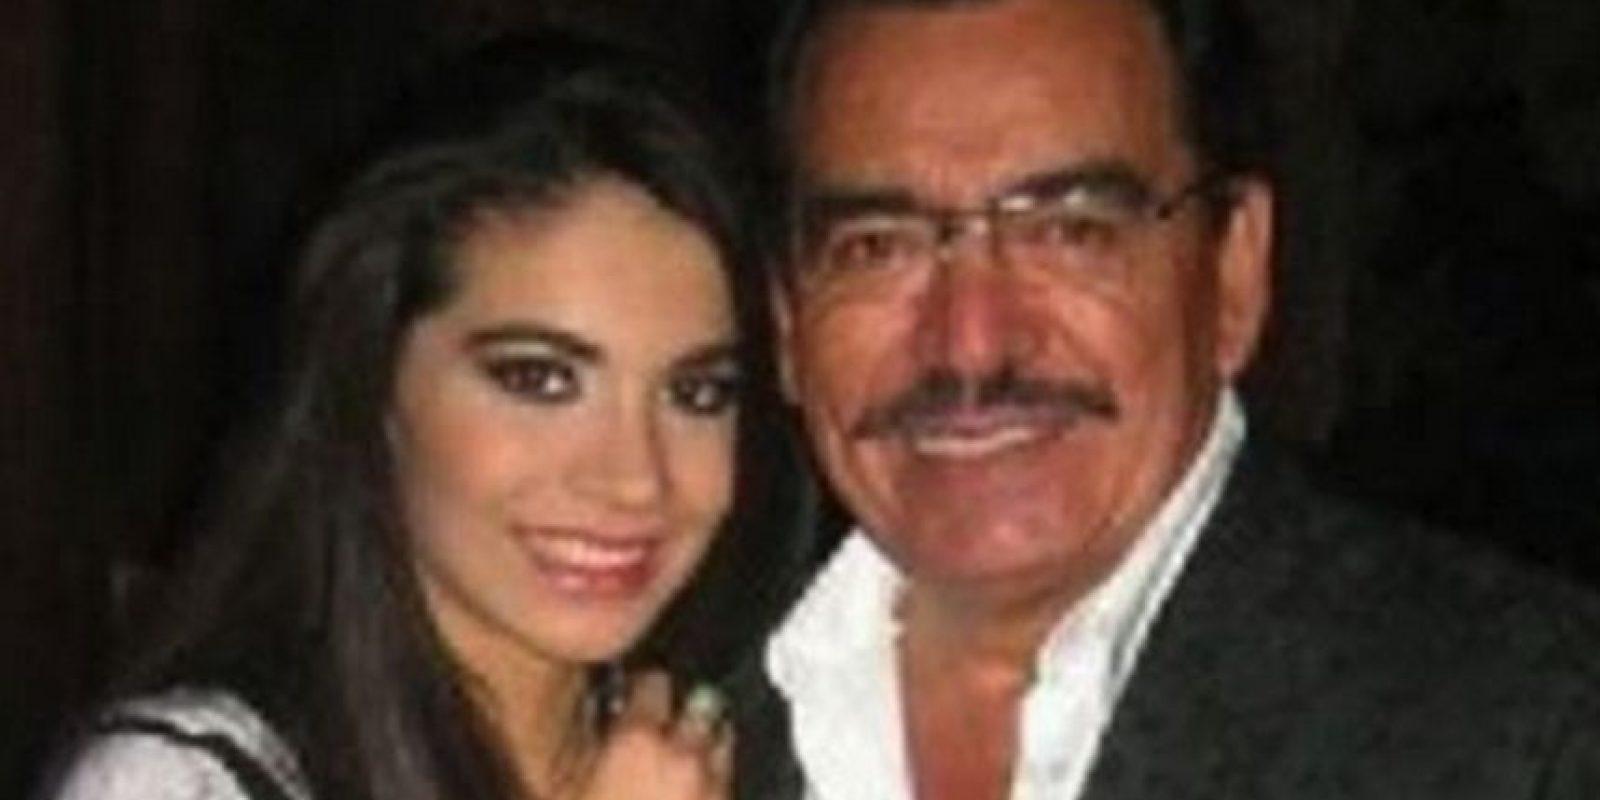 Sin embargo, en 2010, ella dio por terminada la relación con el cantautor debido a las constantes infidelidades del músico Foto:Vía TvNotas